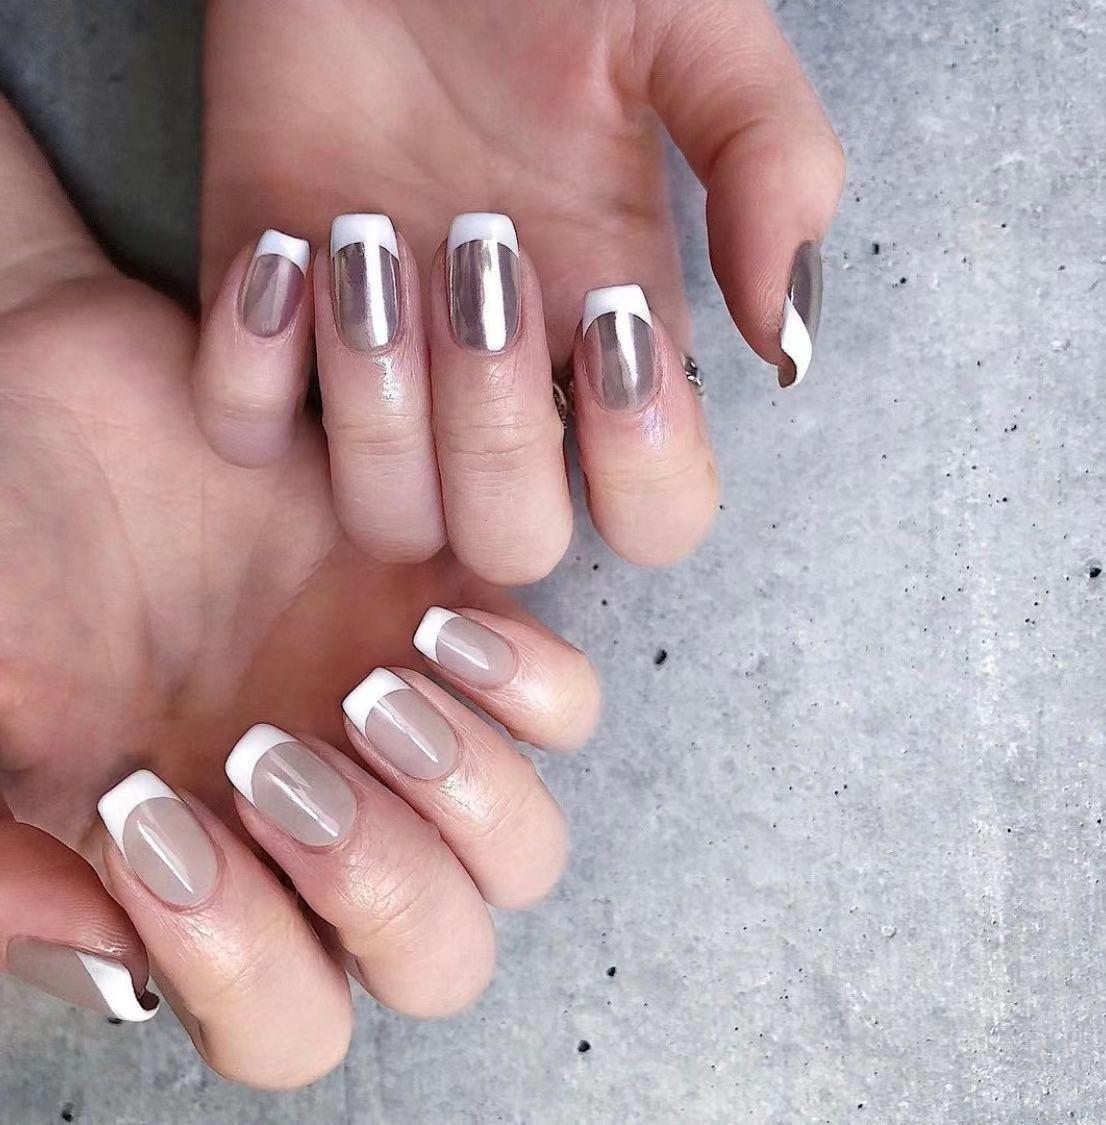 短指甲可以做美甲嗎